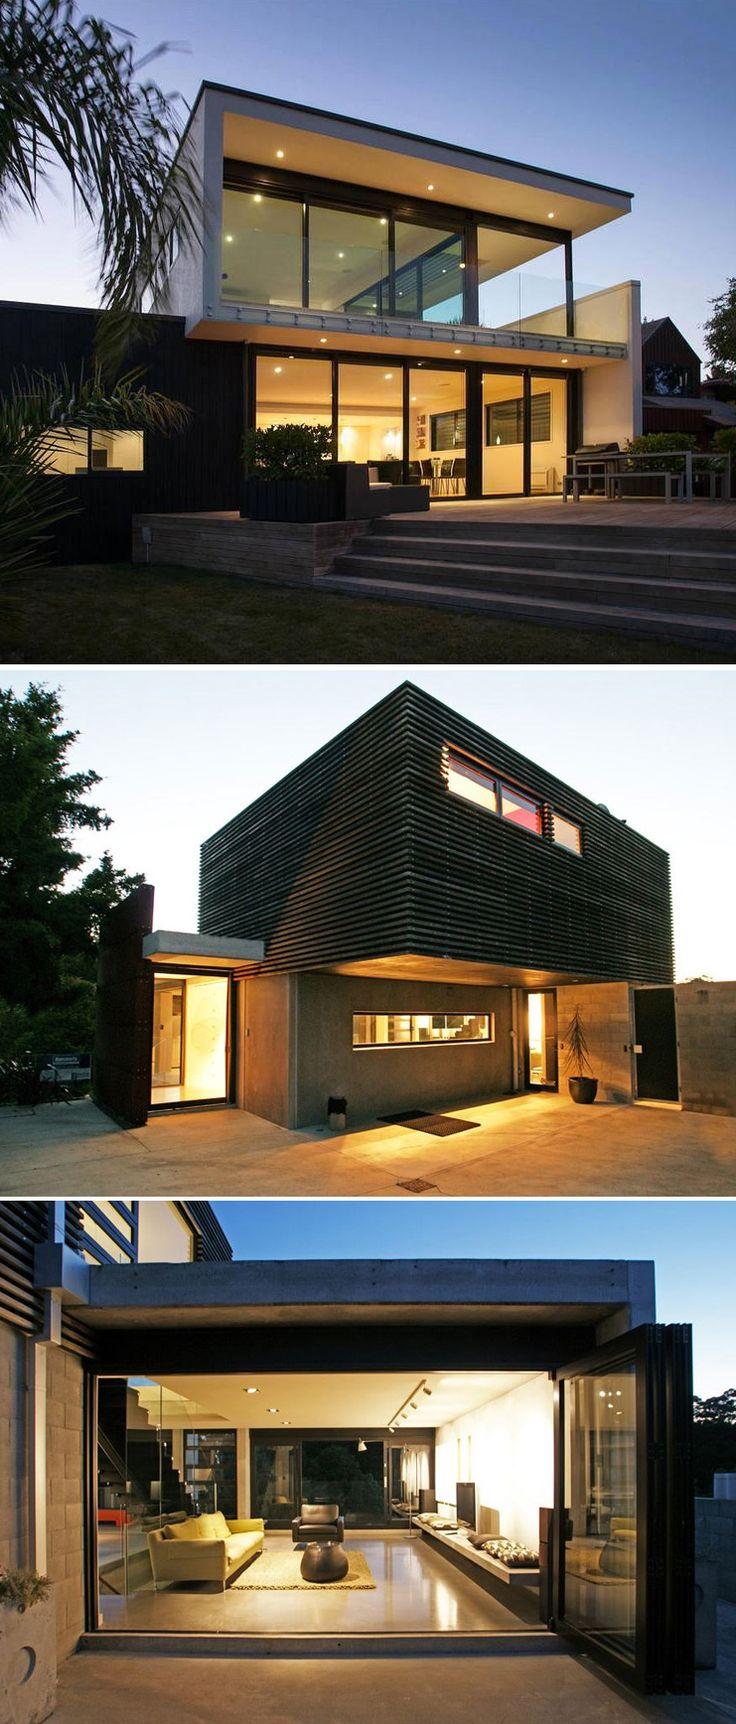 House Design / TechNews24h.com